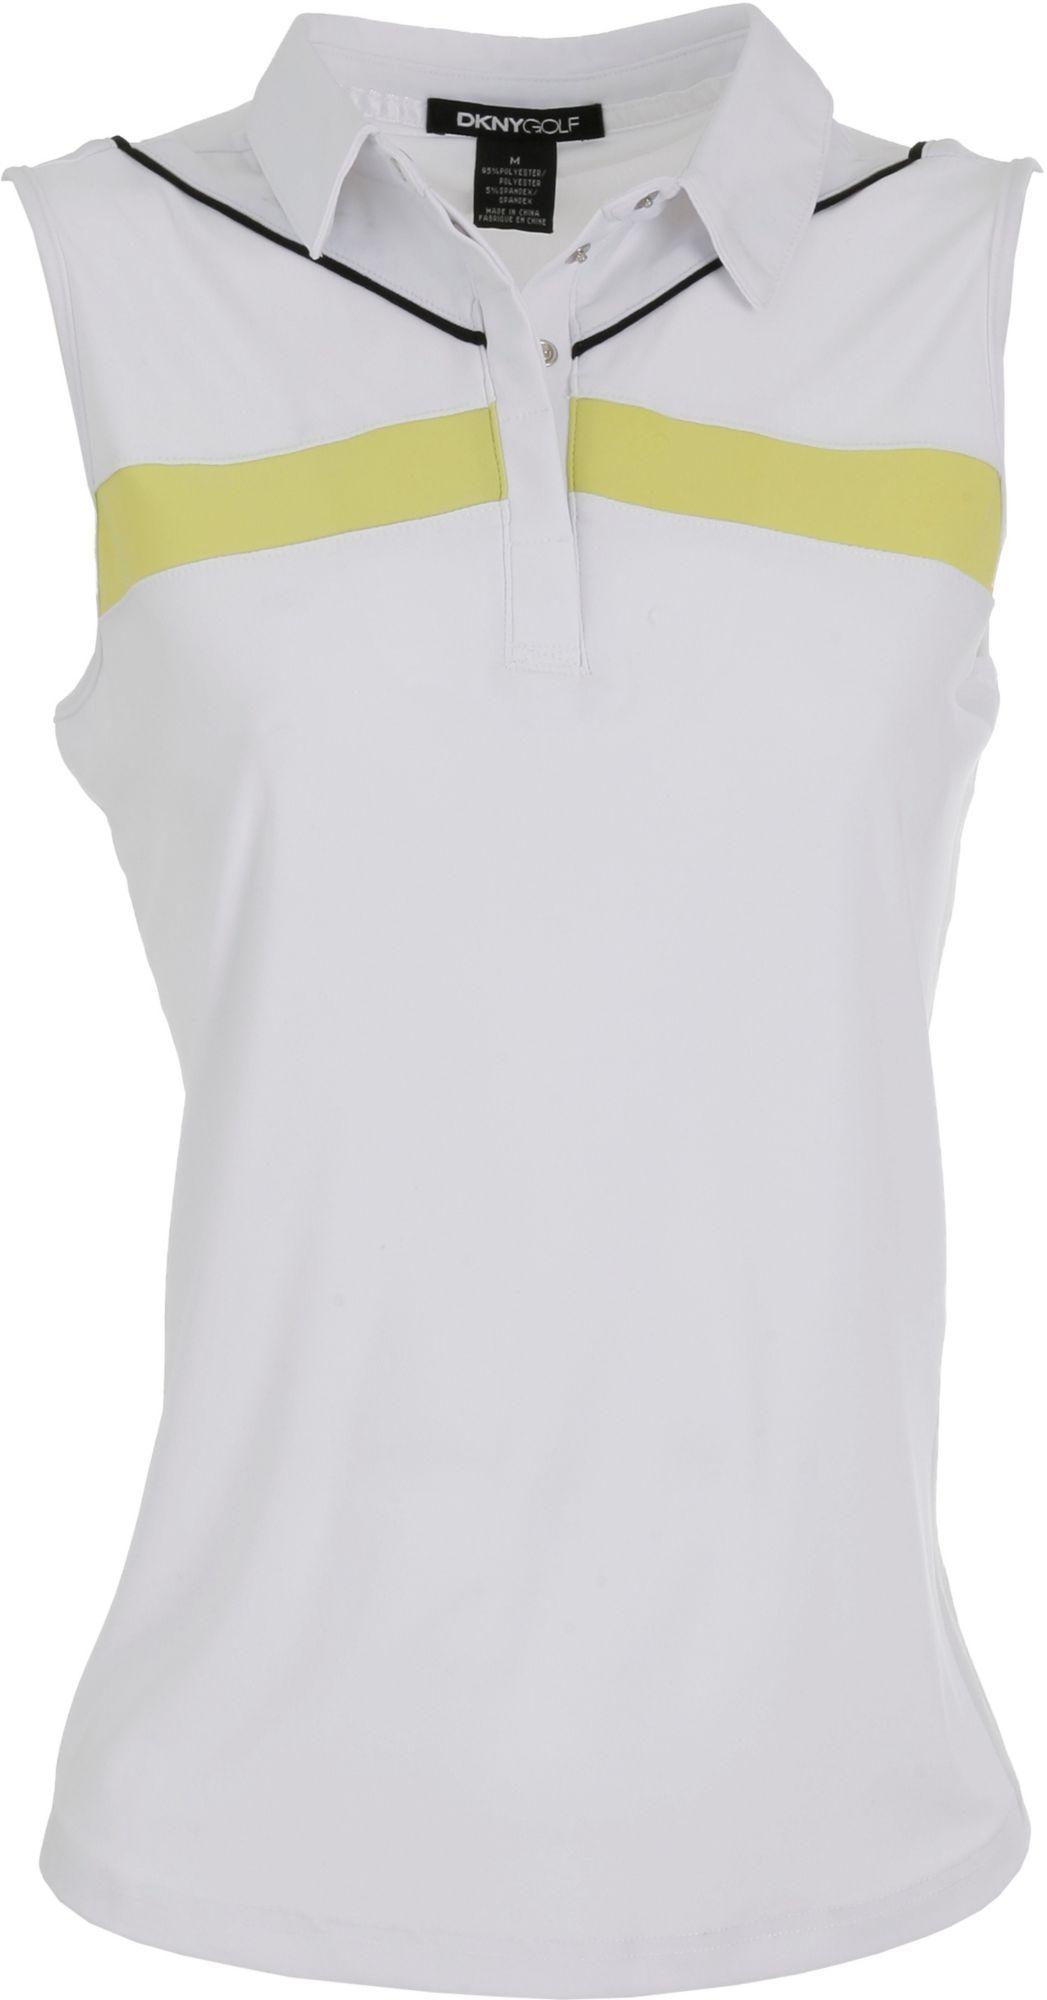 DKNY Women's Pure Based Block Citrine Sleeveless Polo